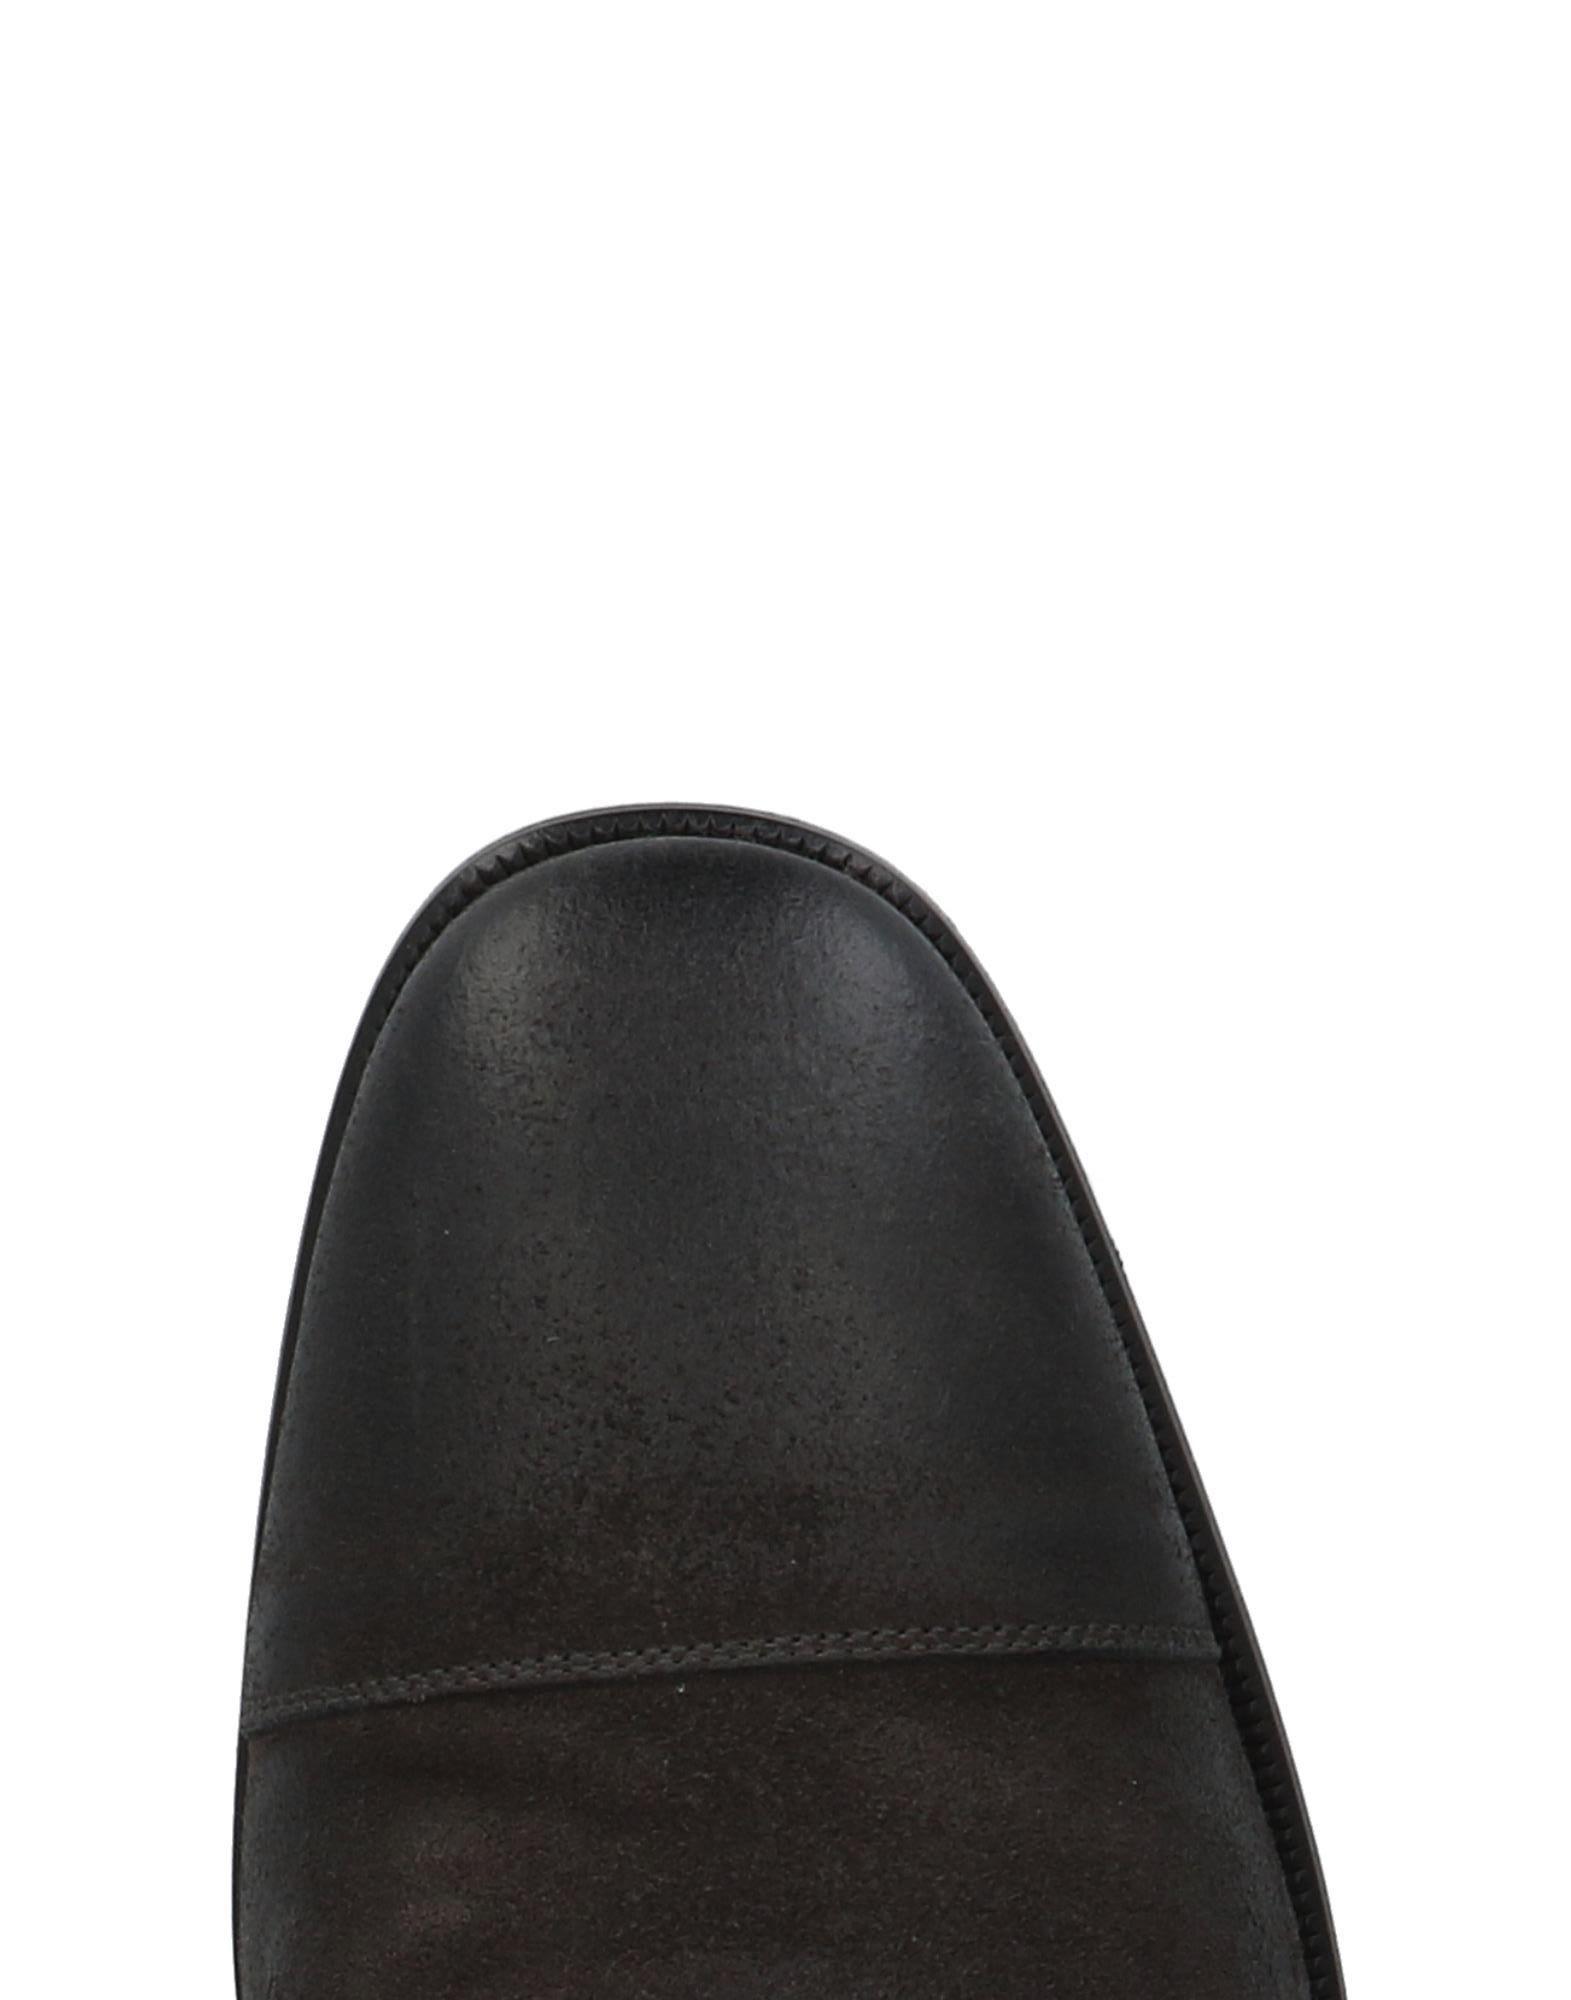 Migliore Schnürschuhe Qualität Herren  11497188WC Gute Qualität Schnürschuhe beliebte Schuhe d2d6fe